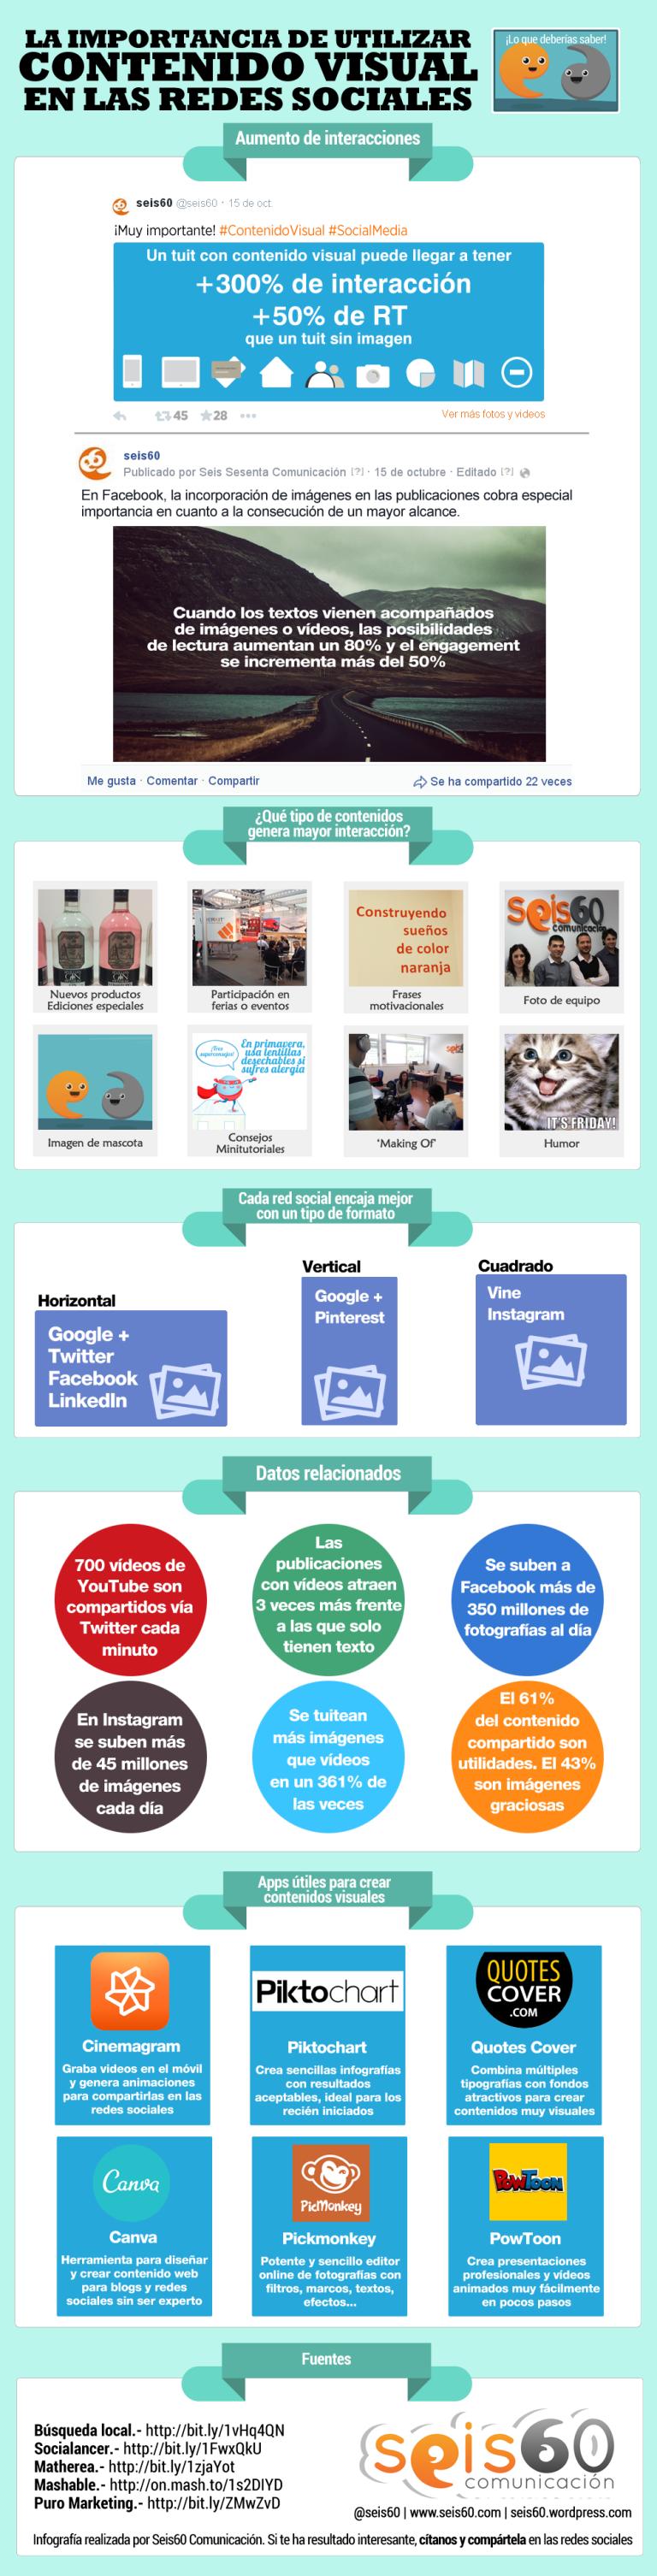 la importancia de utilizar contenido visual en las redes sociales Fuente: seis60 comunicación